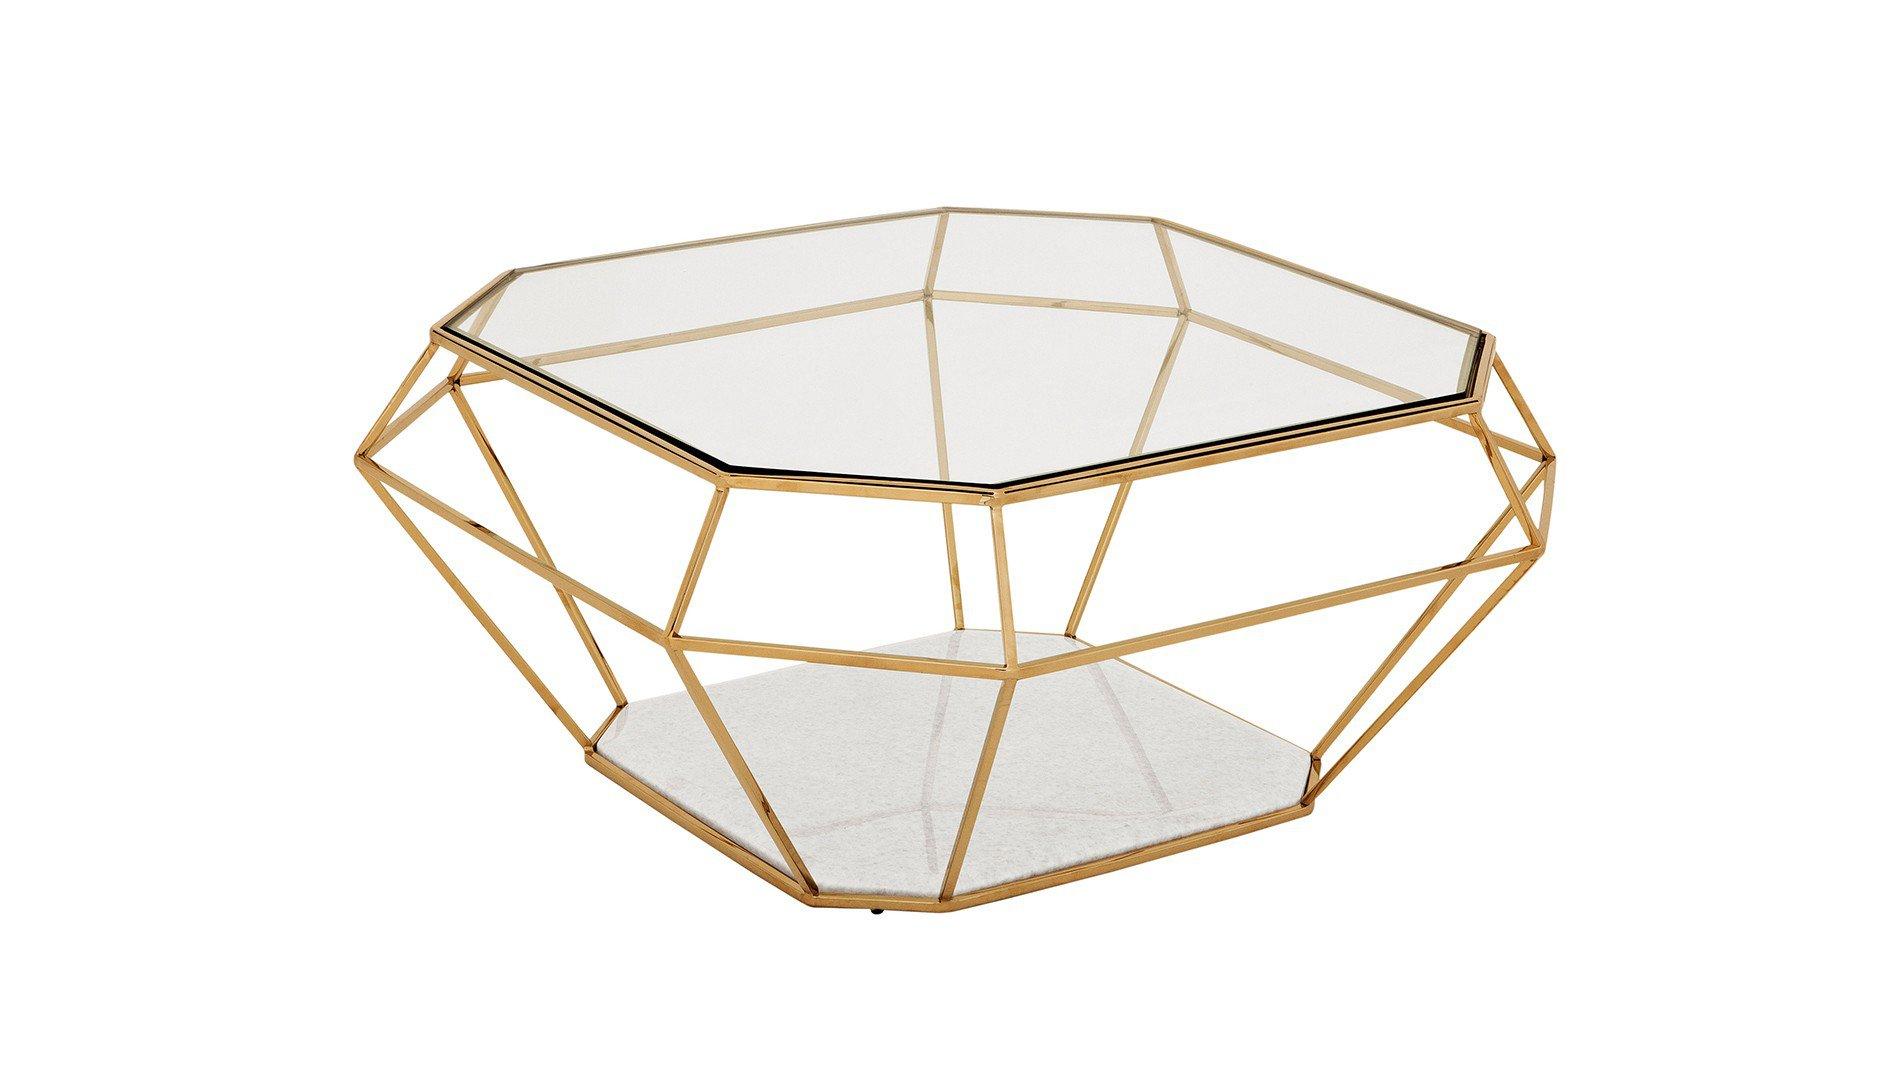 Tafel in de vorm van een geslepen diamant